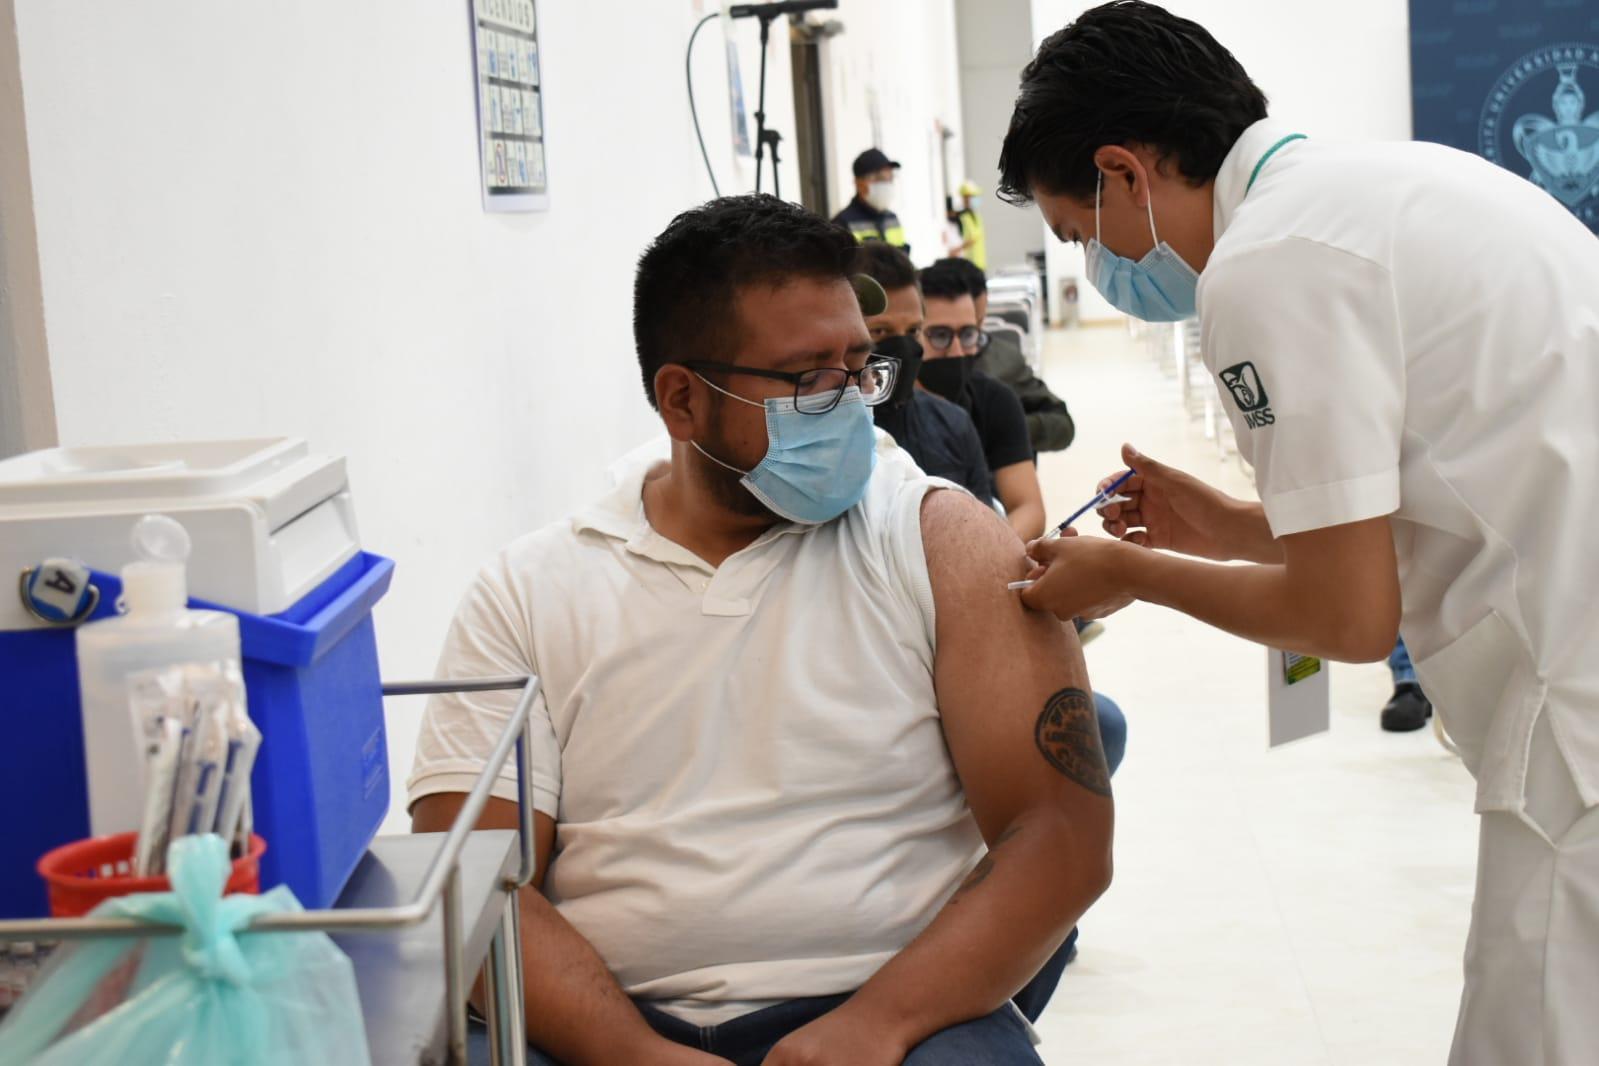 Hoy inicia vacunación contra COVID-19 para personas de 50 a 59 años y mujeres embarazadas en 41 municipios más del Estado de México